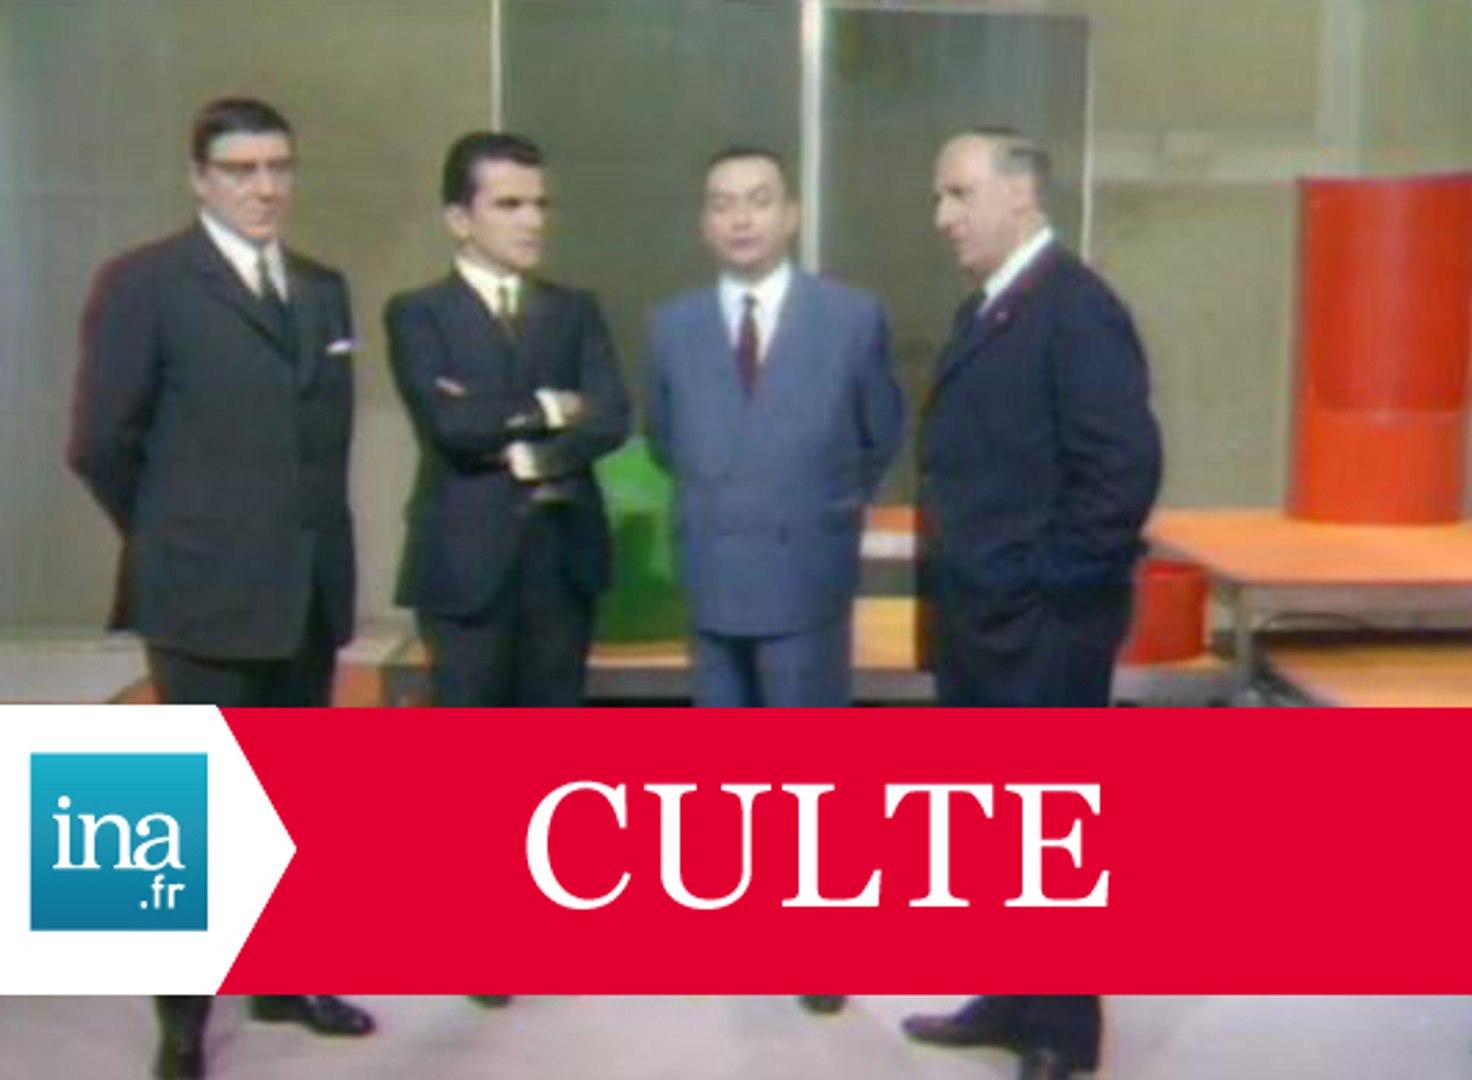 les 1eres images de la television couleur en france le 01 10 1967 archive ina